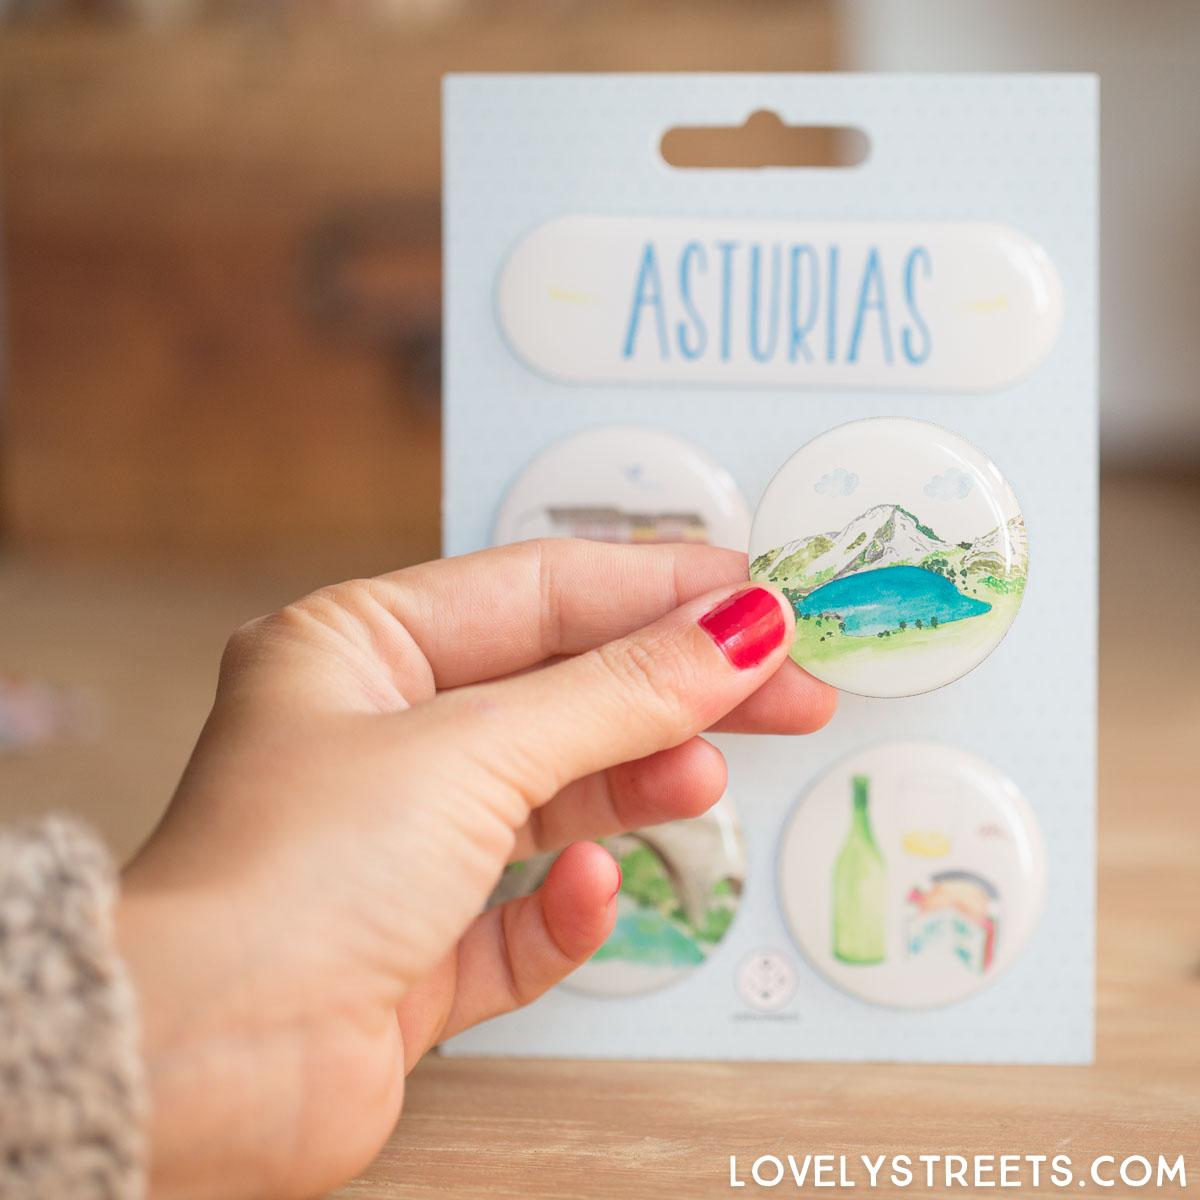 LovelyStreets_imanes_Asturias-18-Editar